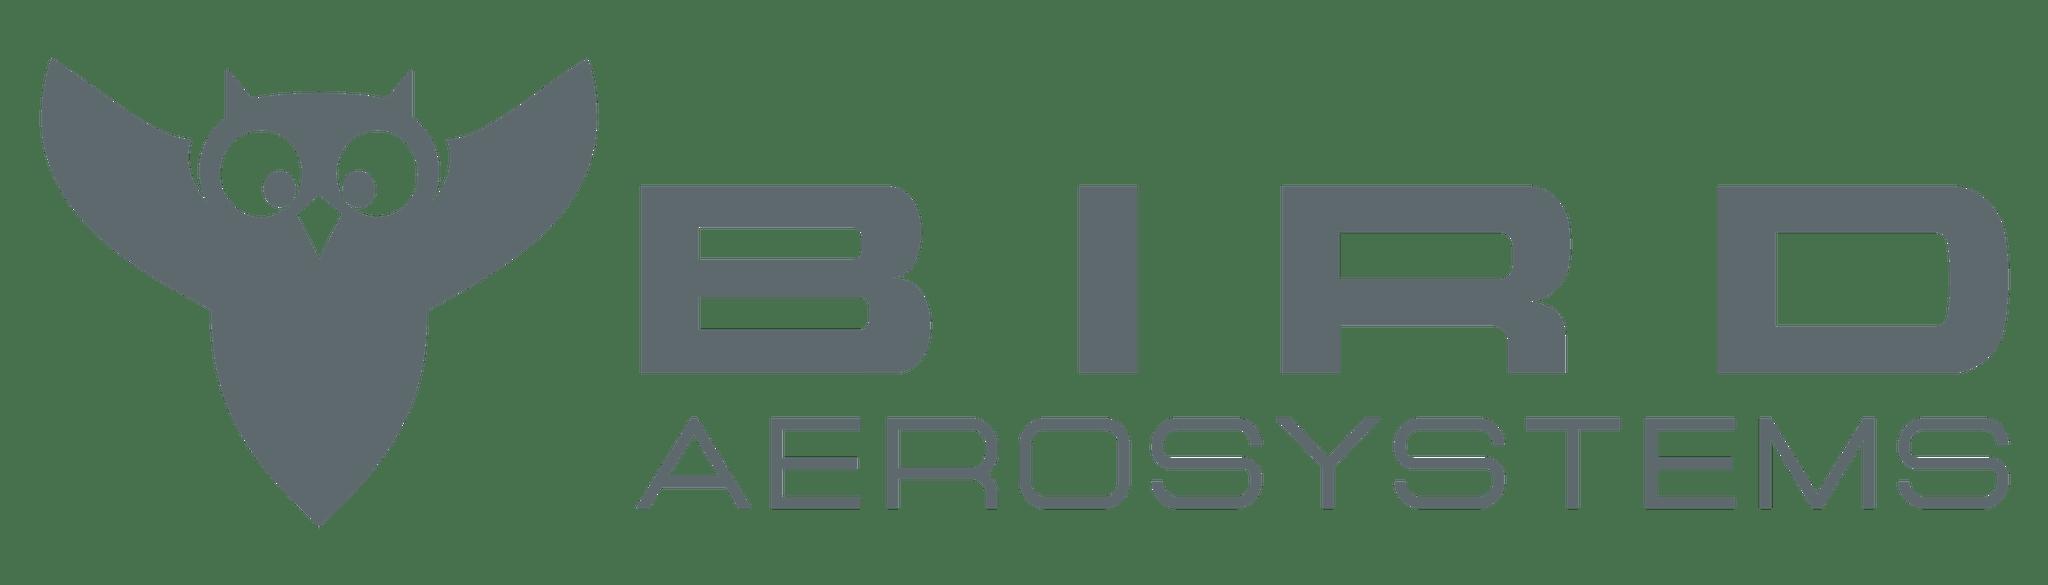 BIRD Aerosystems